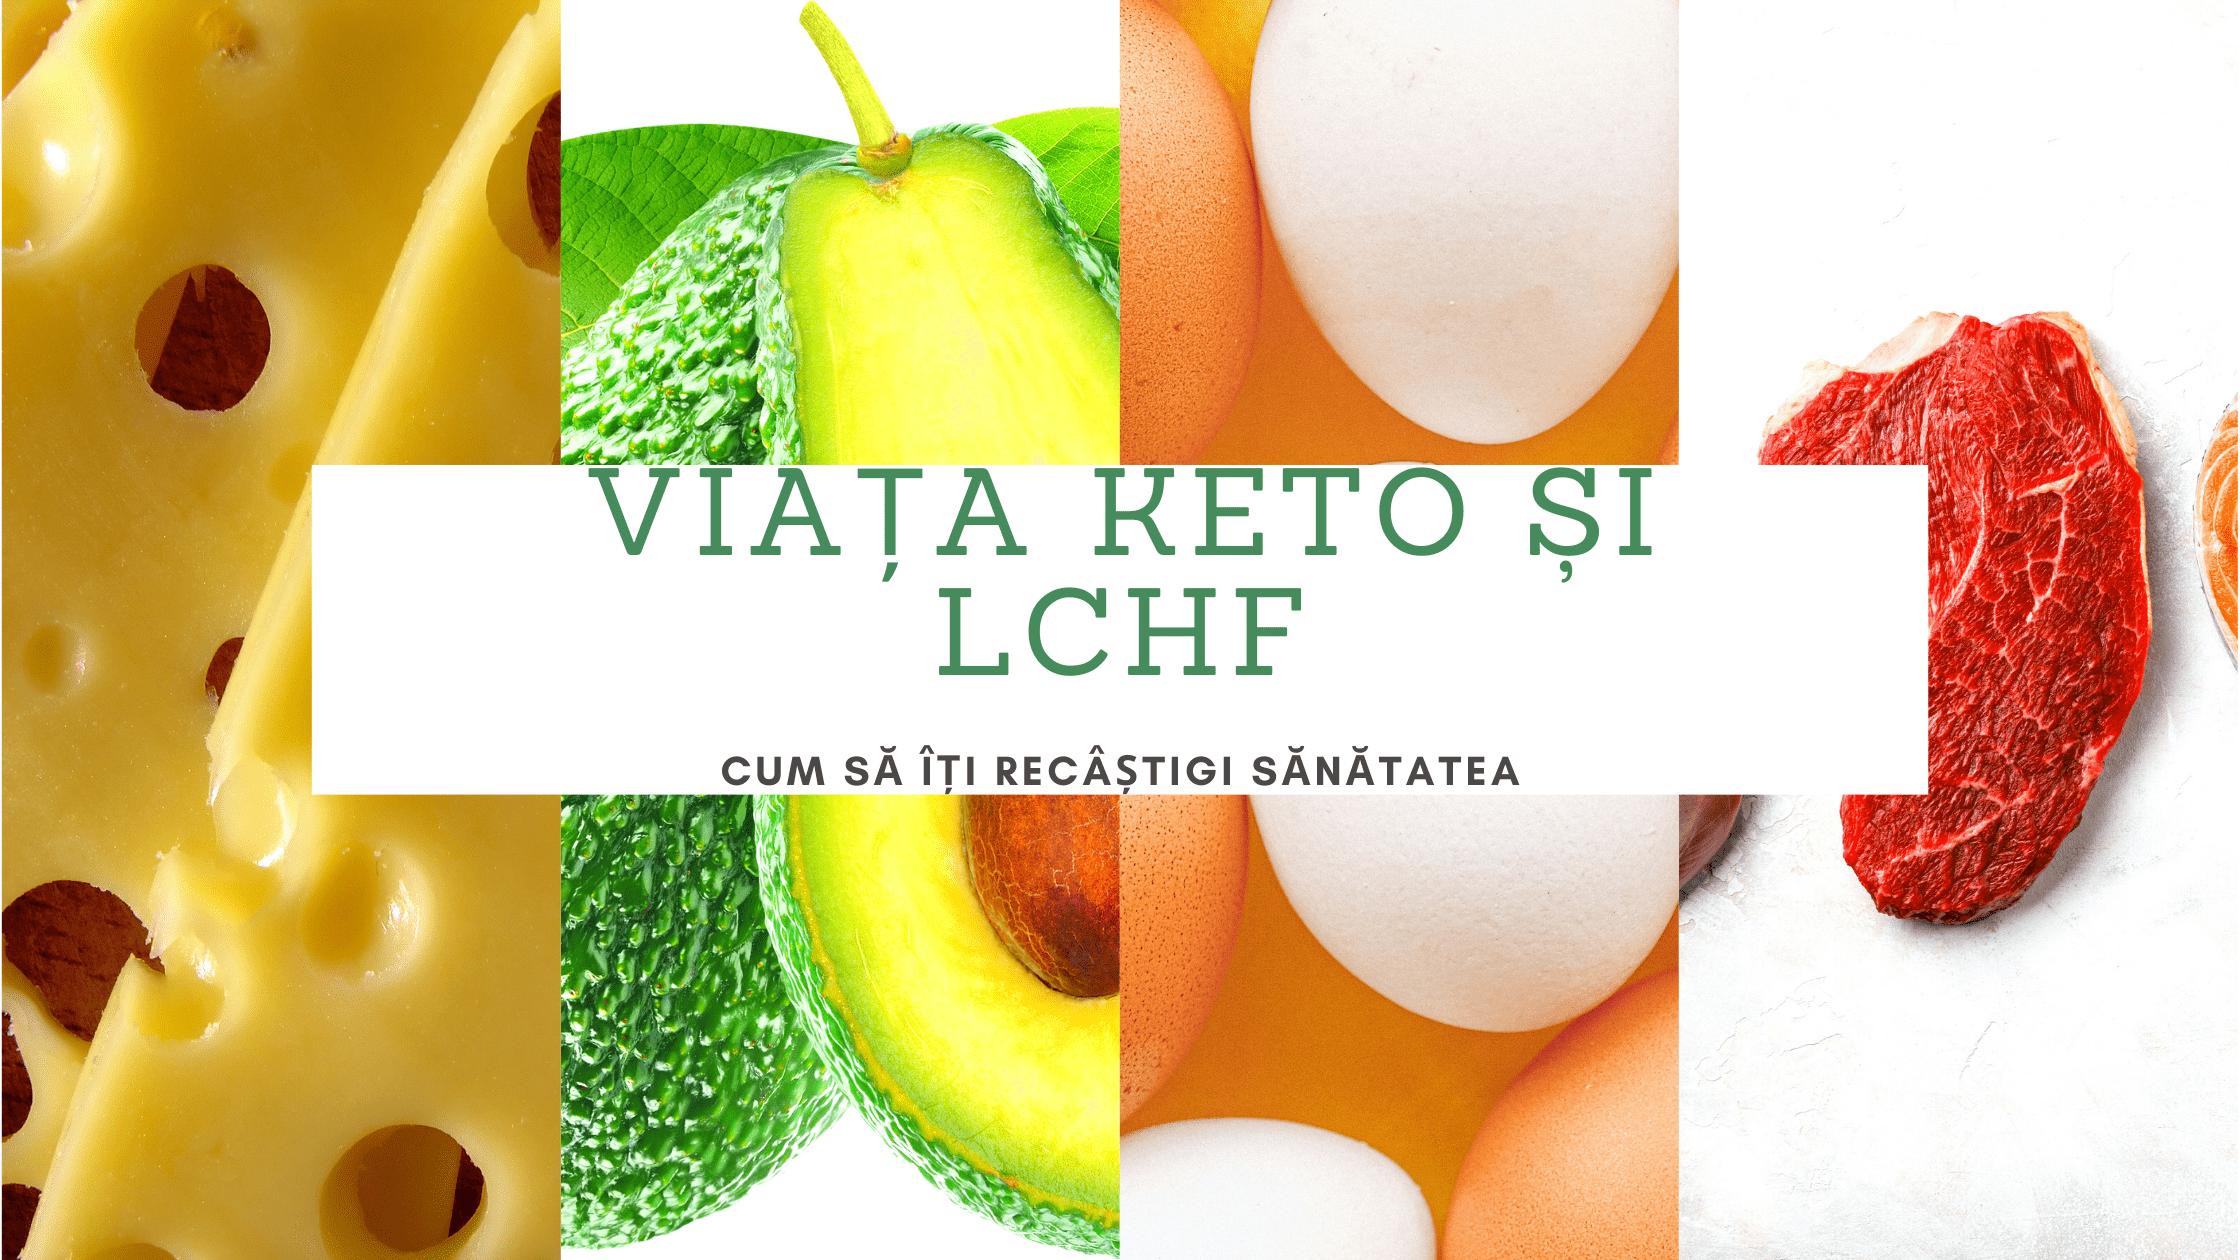 Keto/LCHF